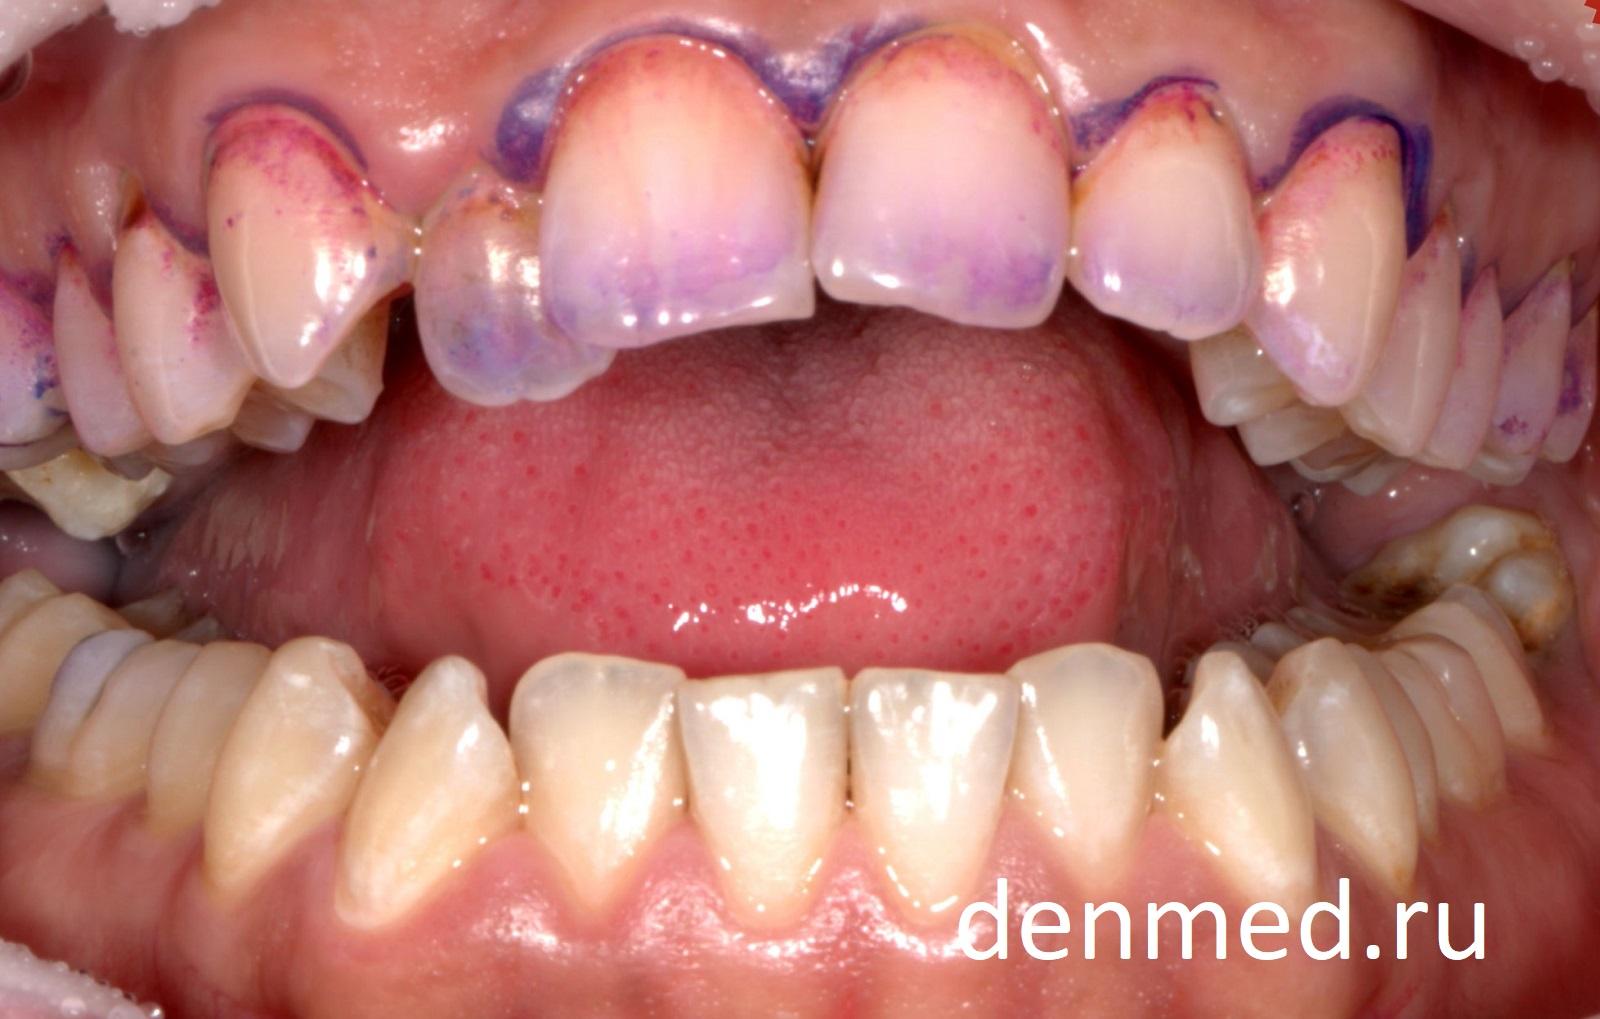 Первый этап - окрашивание мягкого и твердого зубного налета специальным красителем